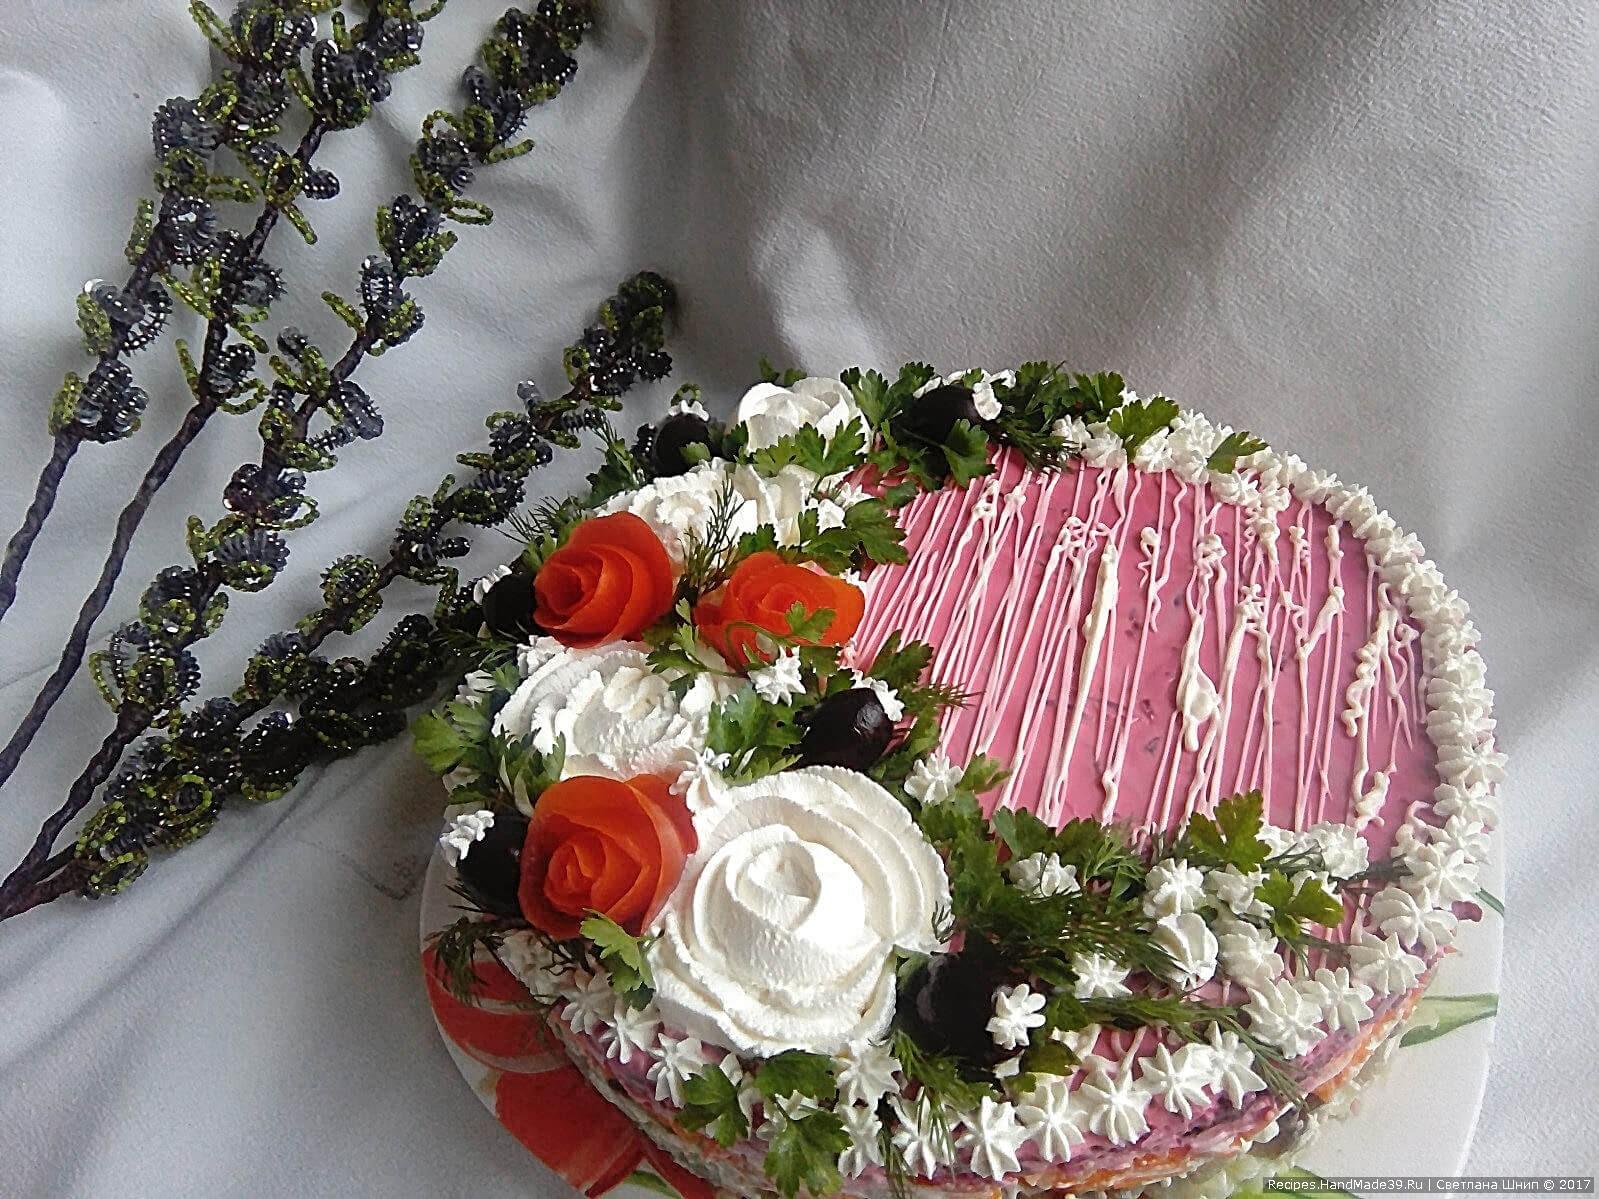 Традиционный салат «Сельдь под шубой» может выглядеть как настоящий торт